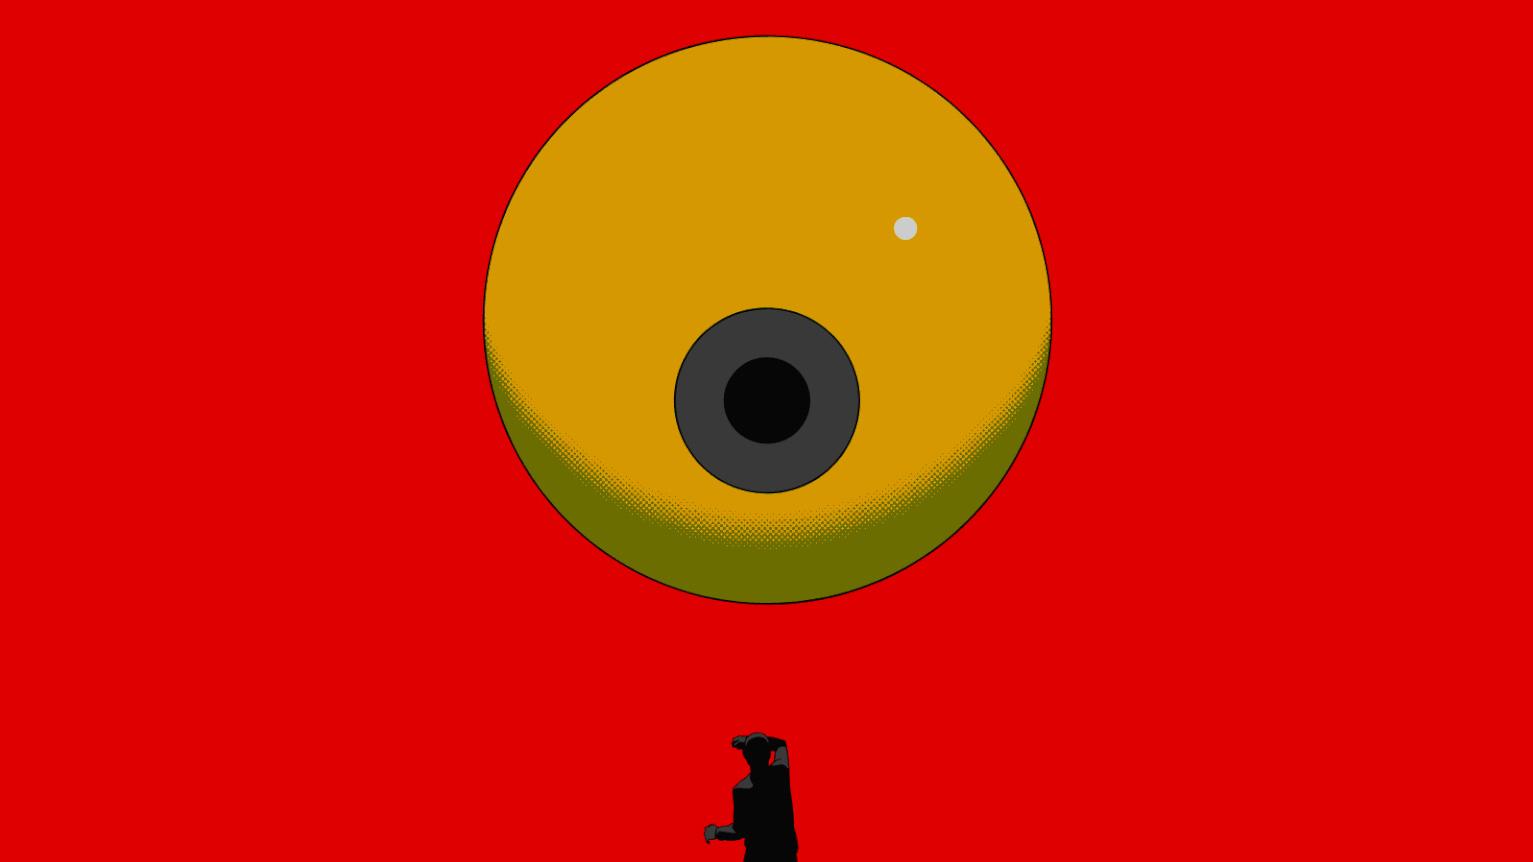 La Chine a-t-elle réalisé le cauchemar d'Orwell ?